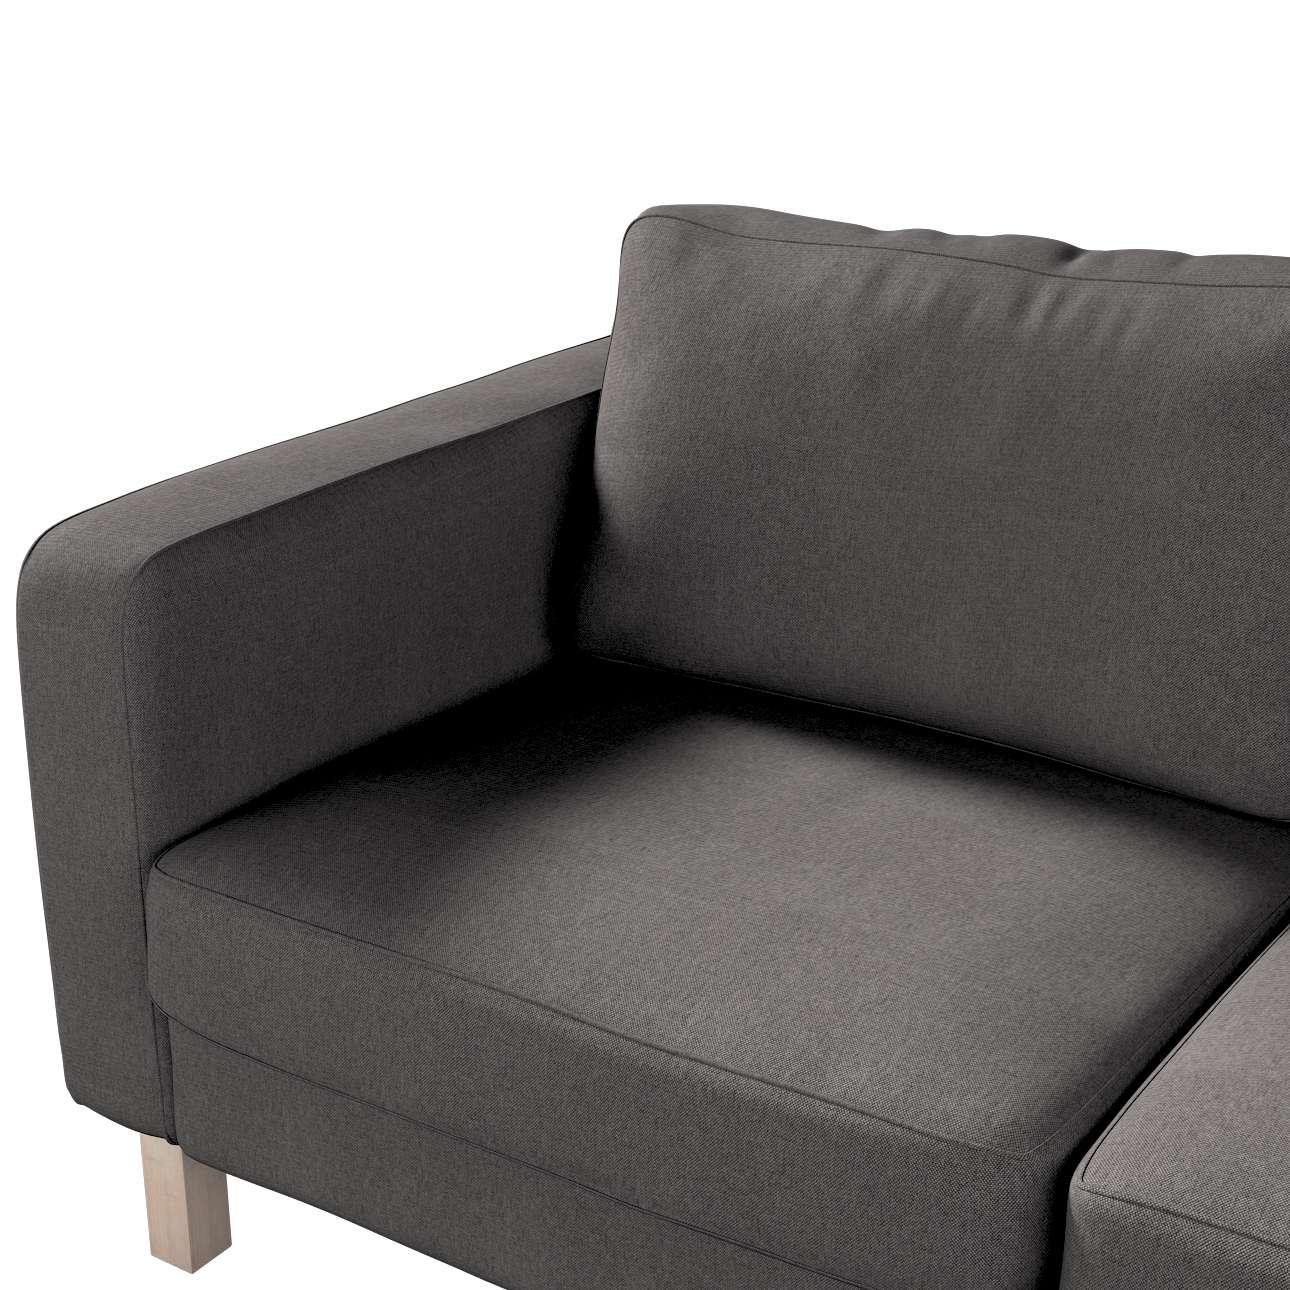 Potah na pohovku IKEA  Karlstad 2-místná, nerozkládací, krátký v kolekci Etna, látka: 705-35